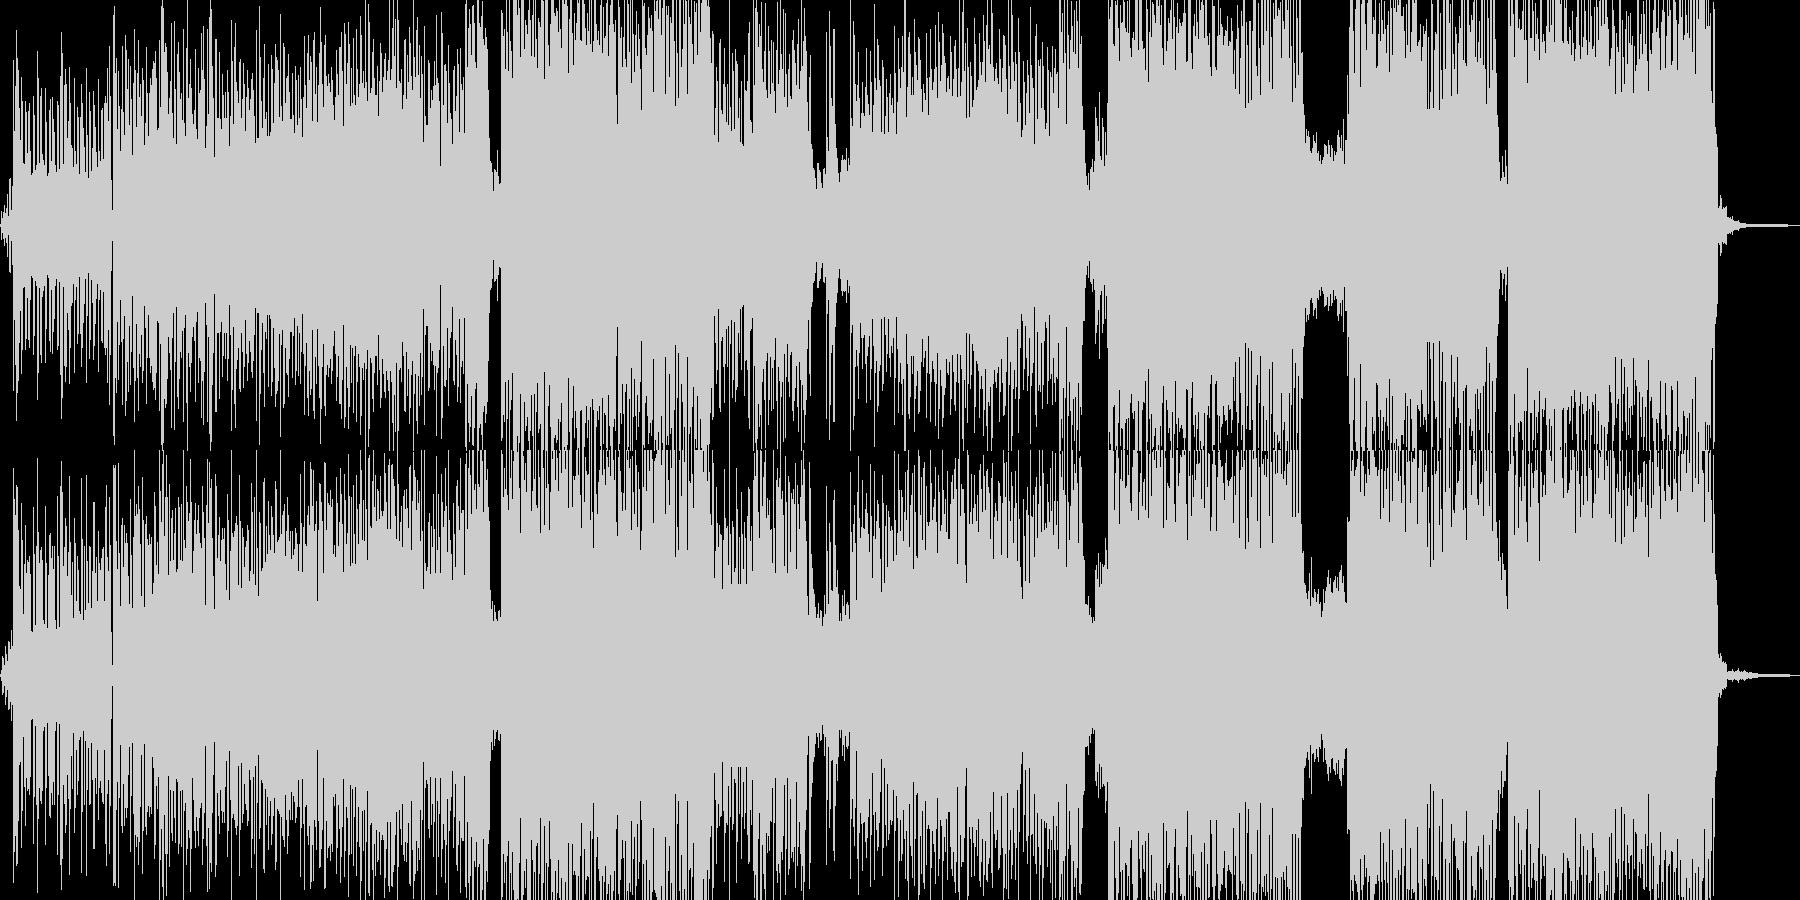 ୧꒰*´꒳`*꒱૭✧なポップチューンの未再生の波形